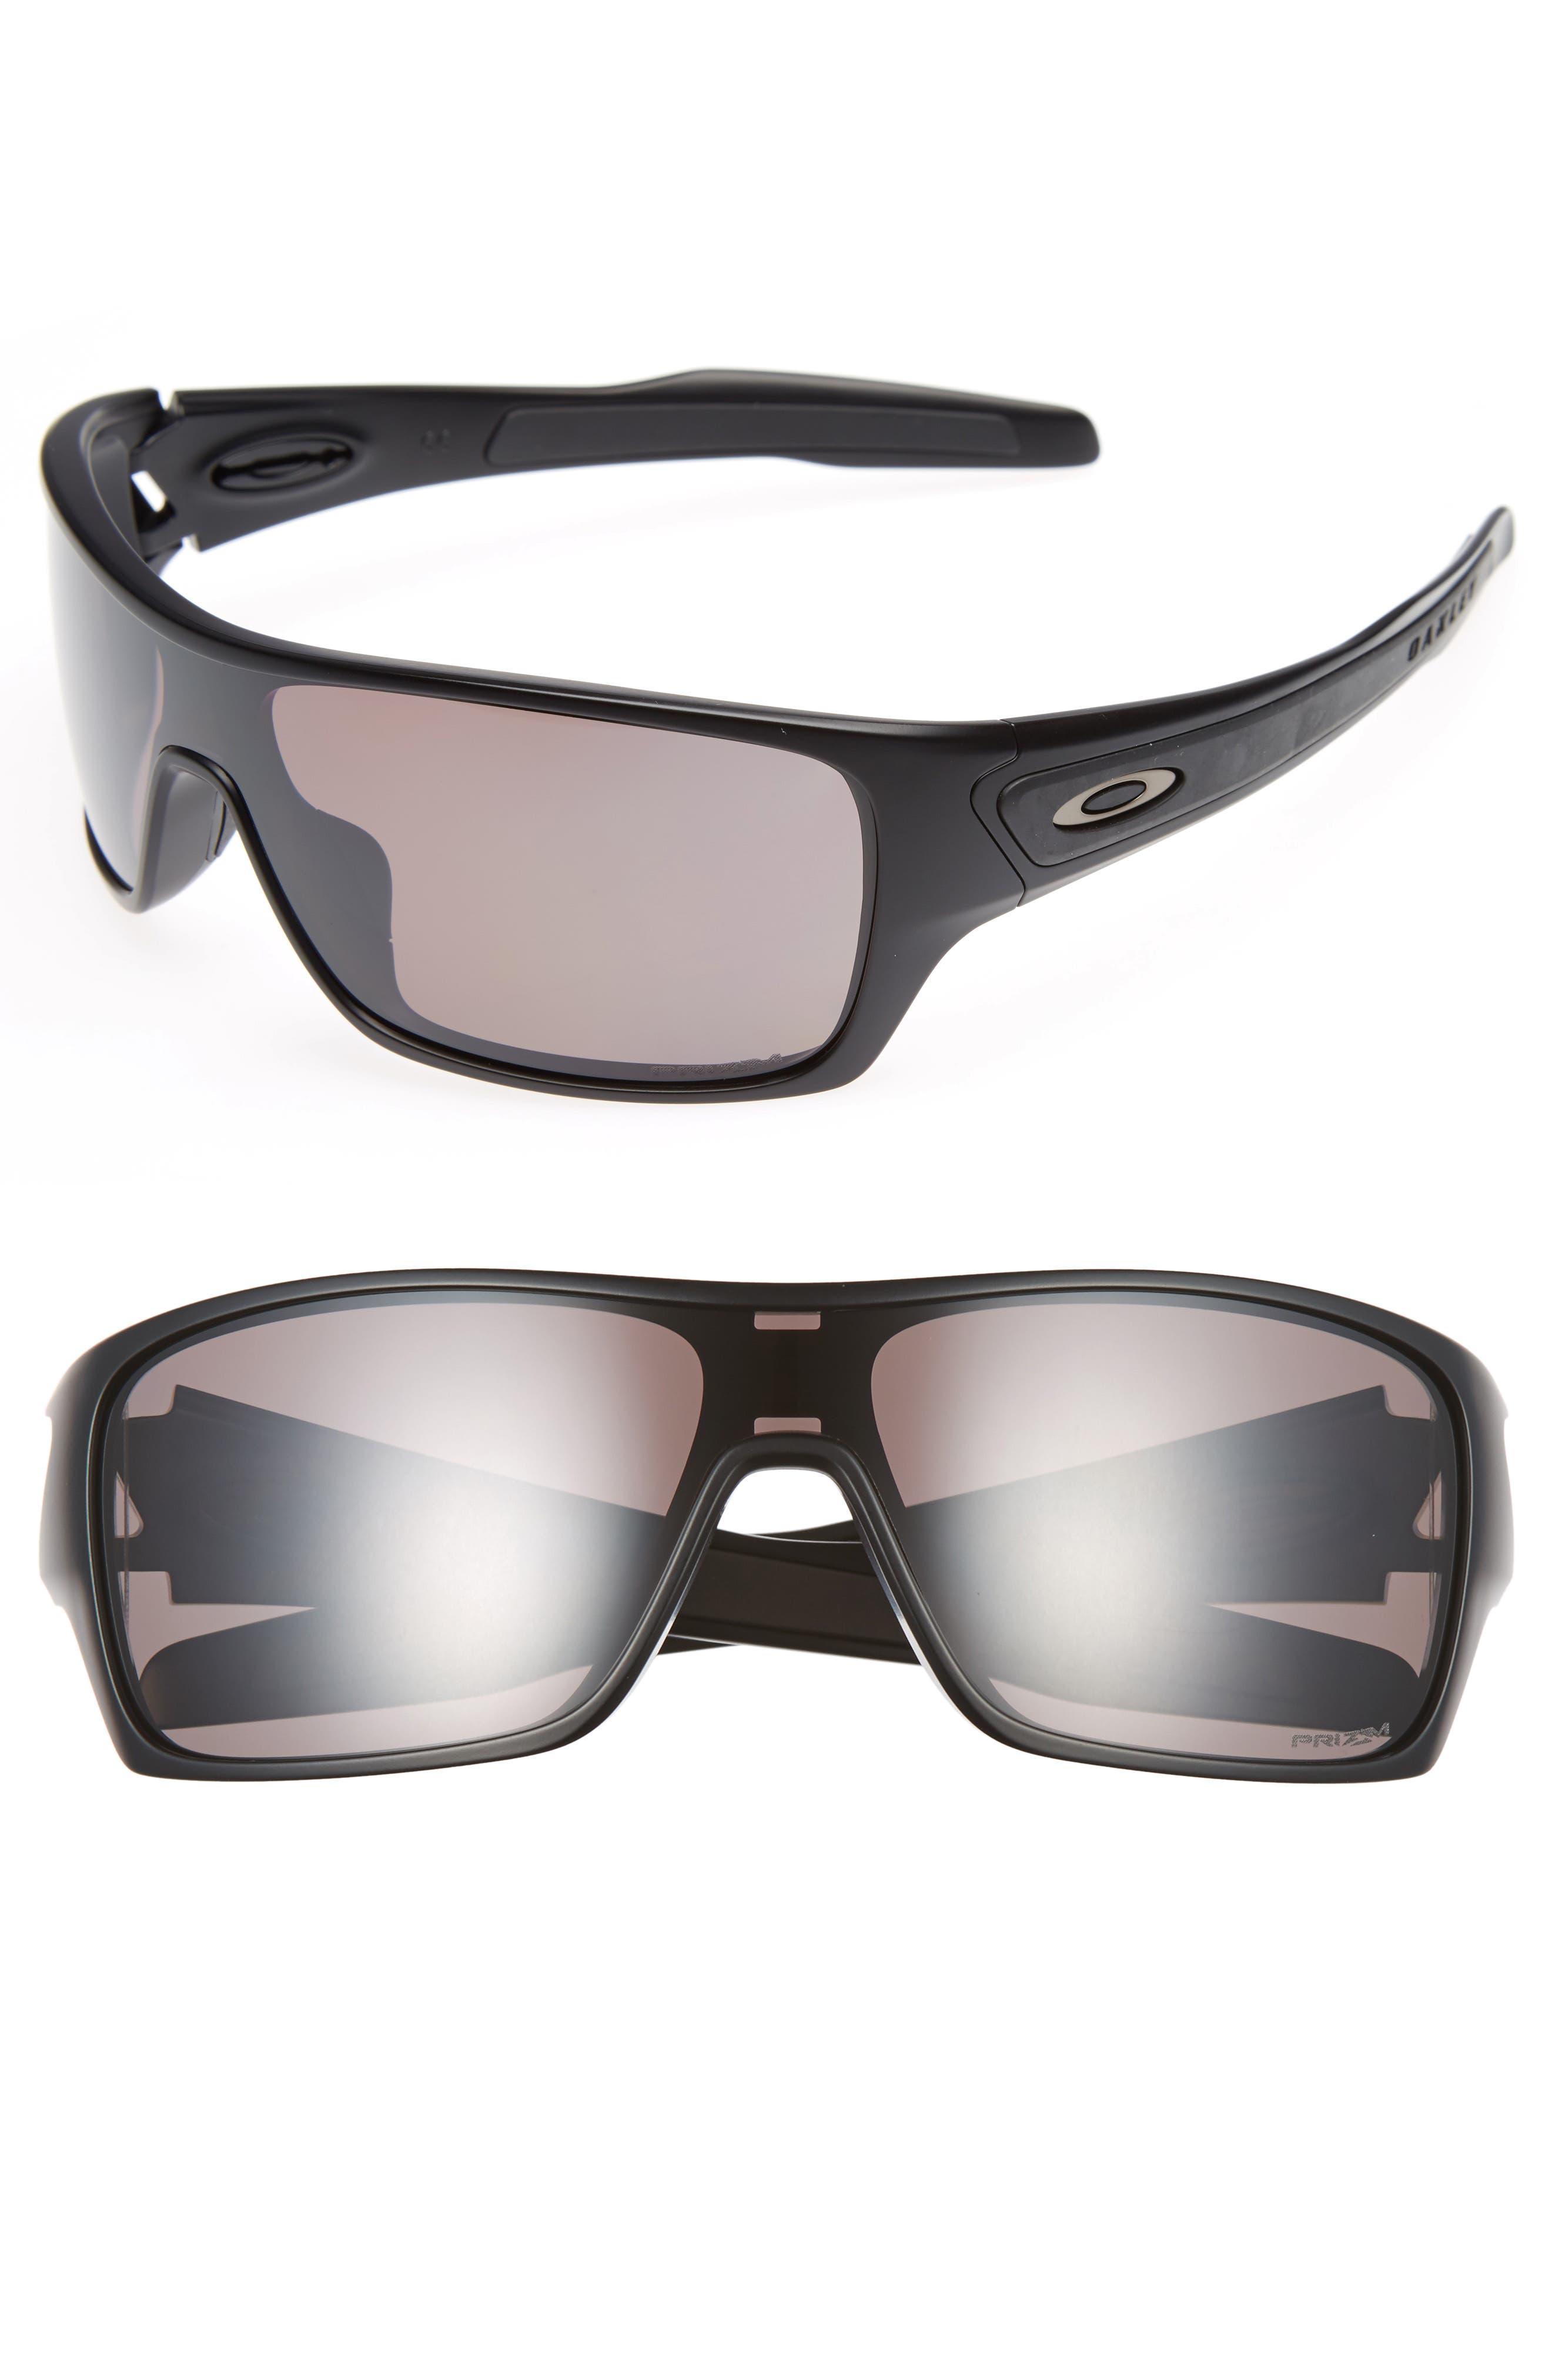 Turbine Rotor 68mm Polarized Sunglasses,                             Main thumbnail 1, color,                             BLACK